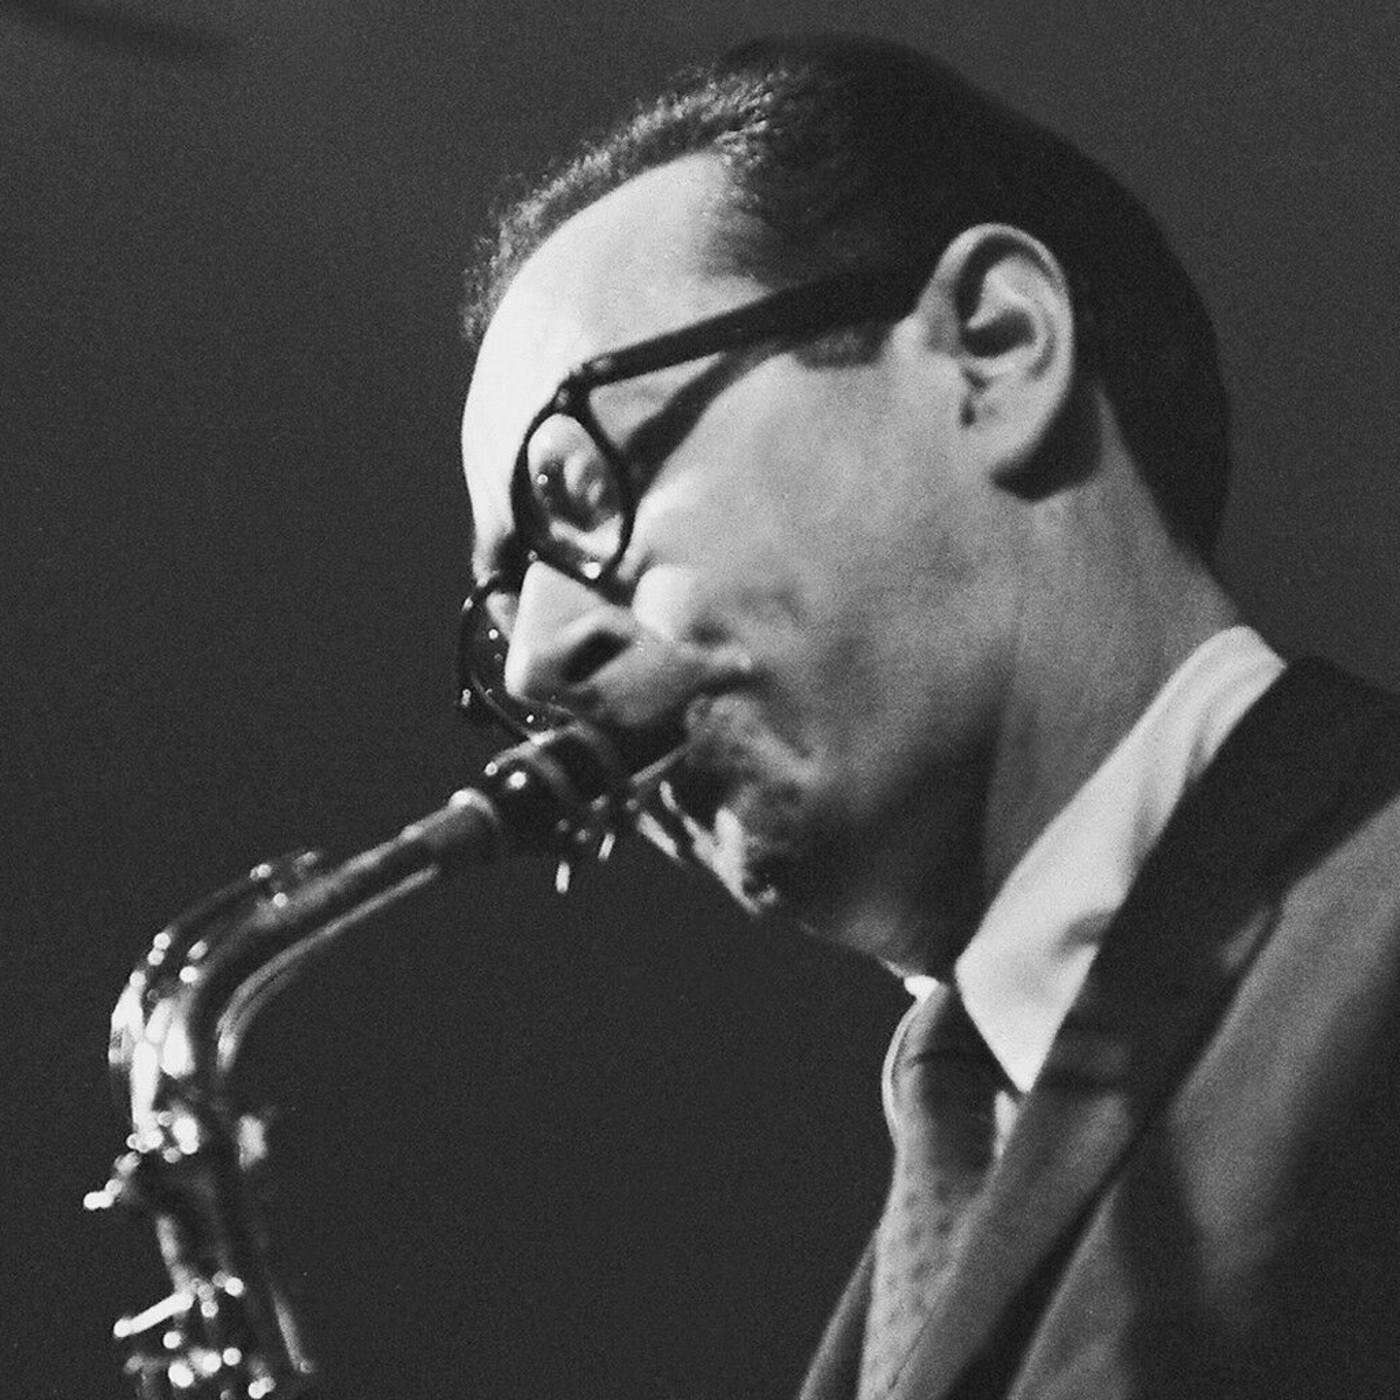 RadioMontaje - Programa 1015 - Paul Desmond, Jazzmeia Horn, Woody Shaw, Abercrombie - Scofield...